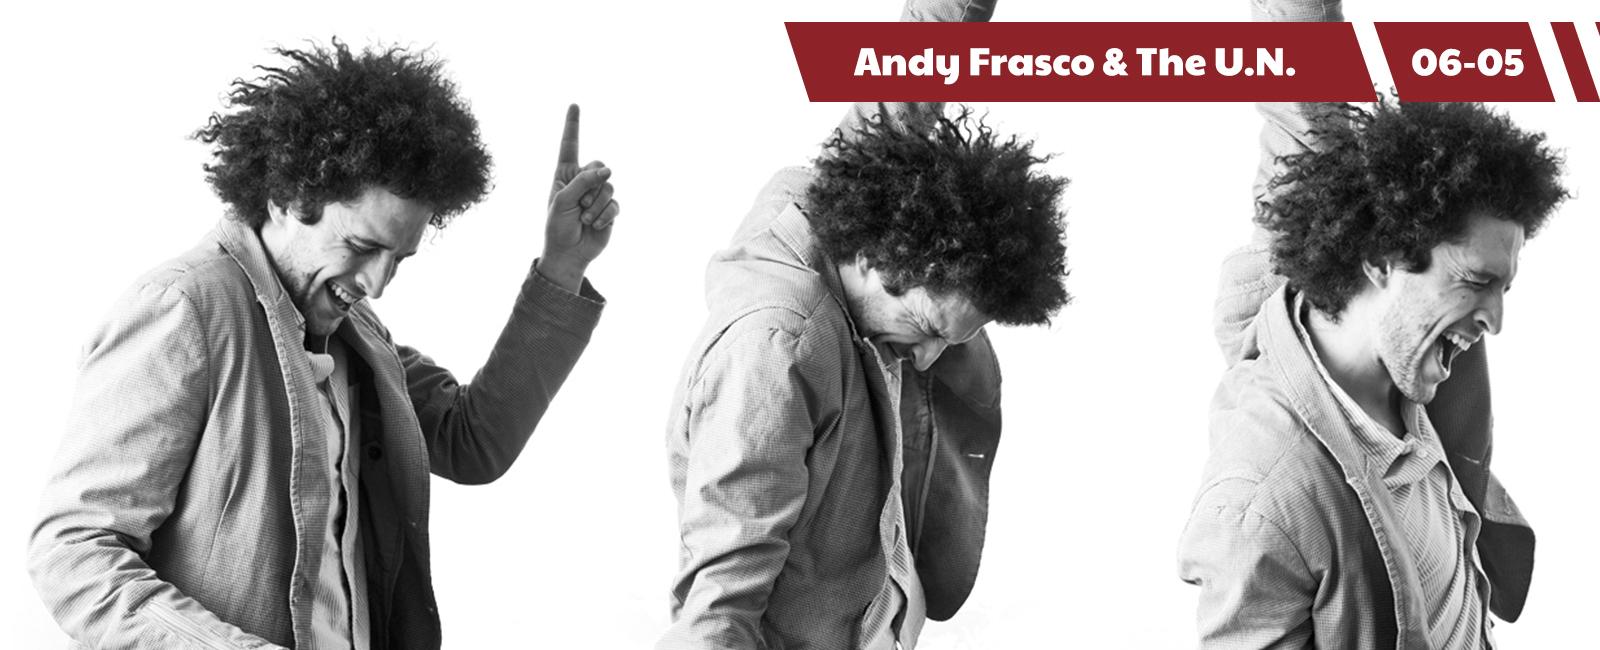 Andy Frasco